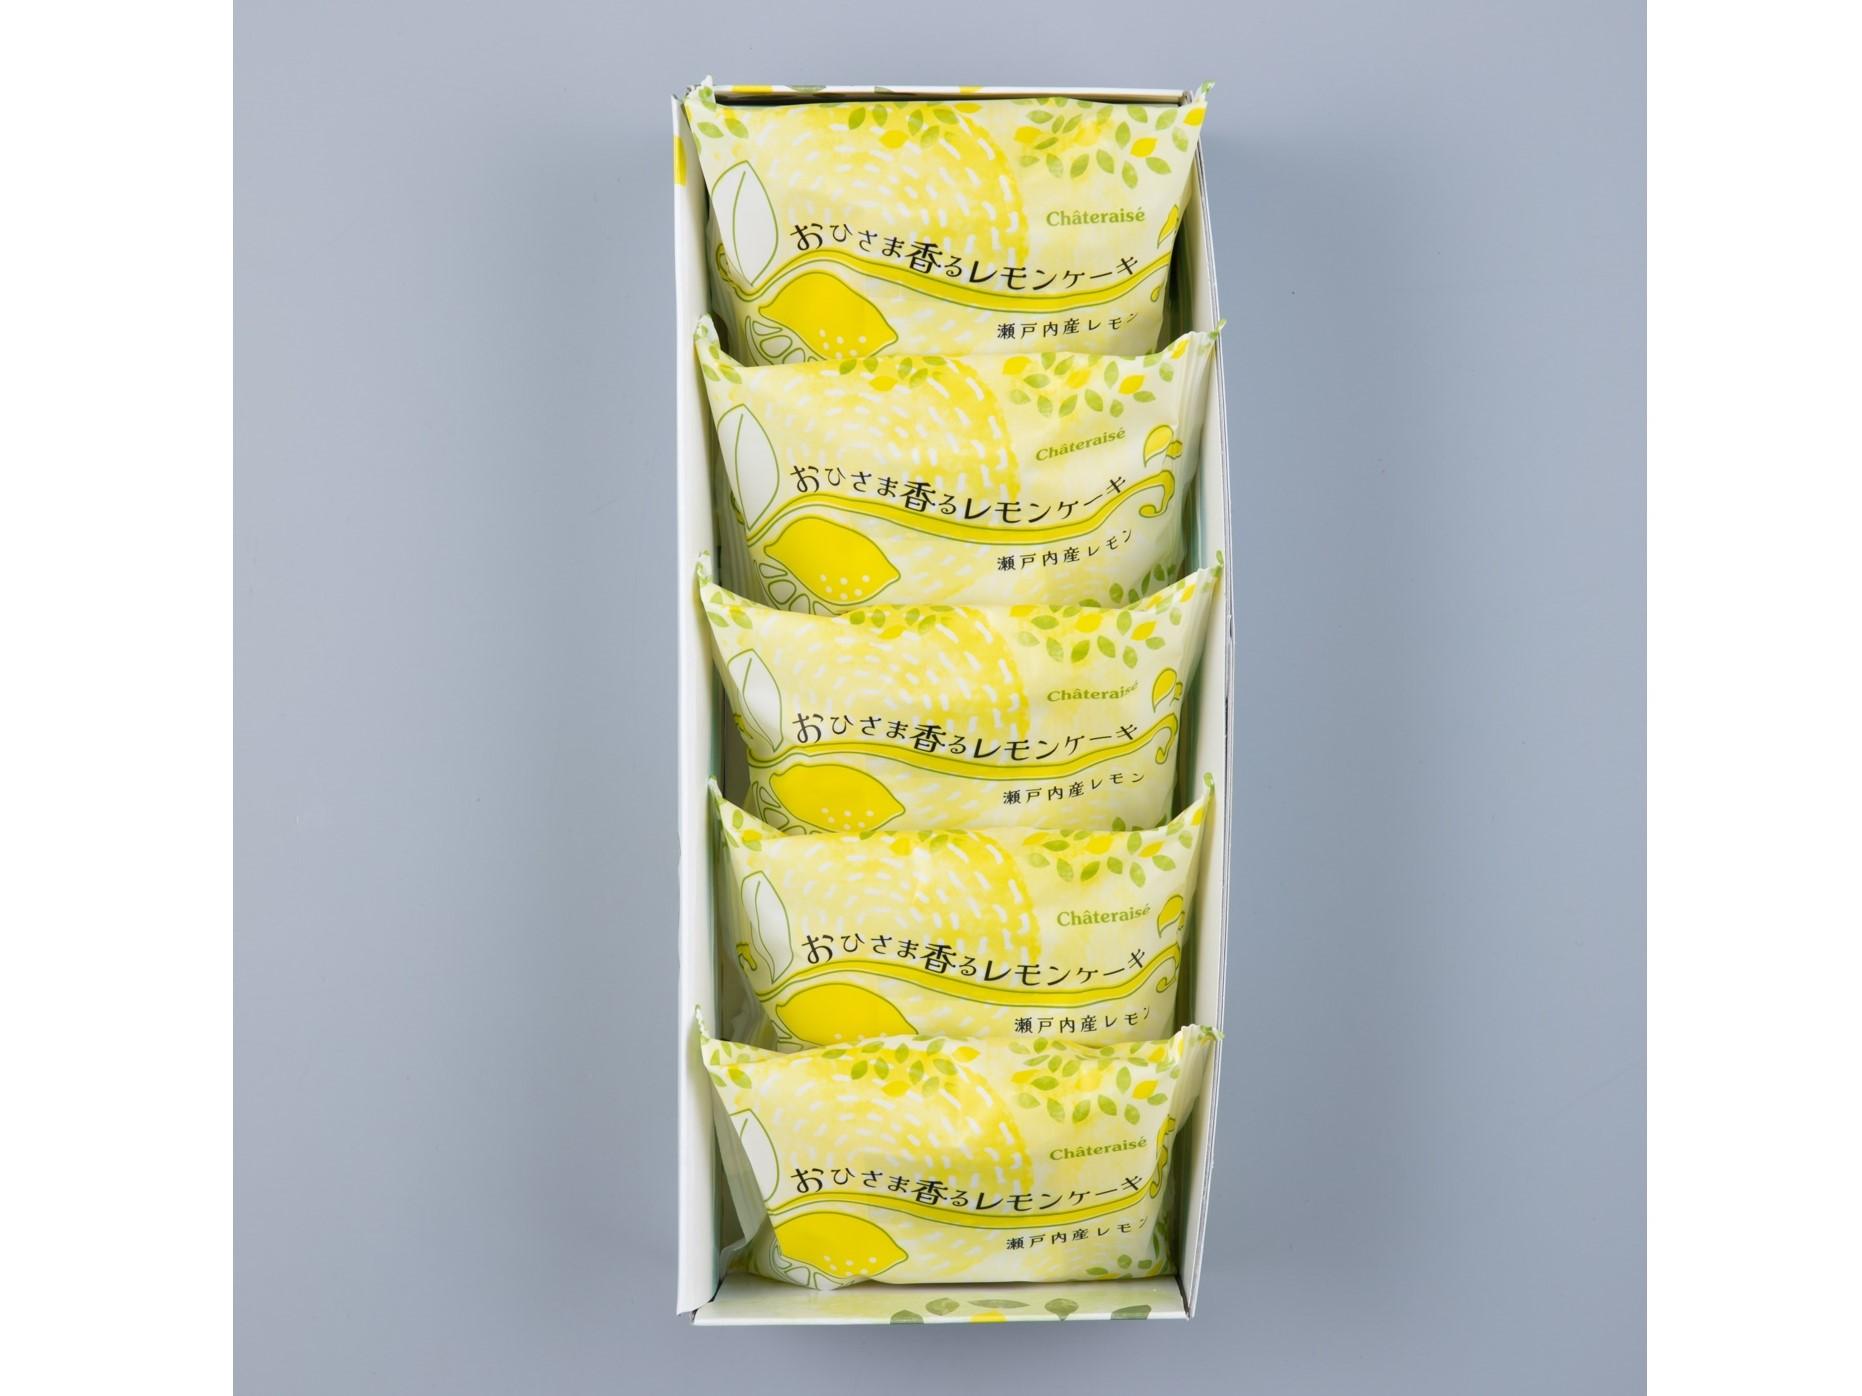 おひさま香るレモンケーキ詰合せ_画像